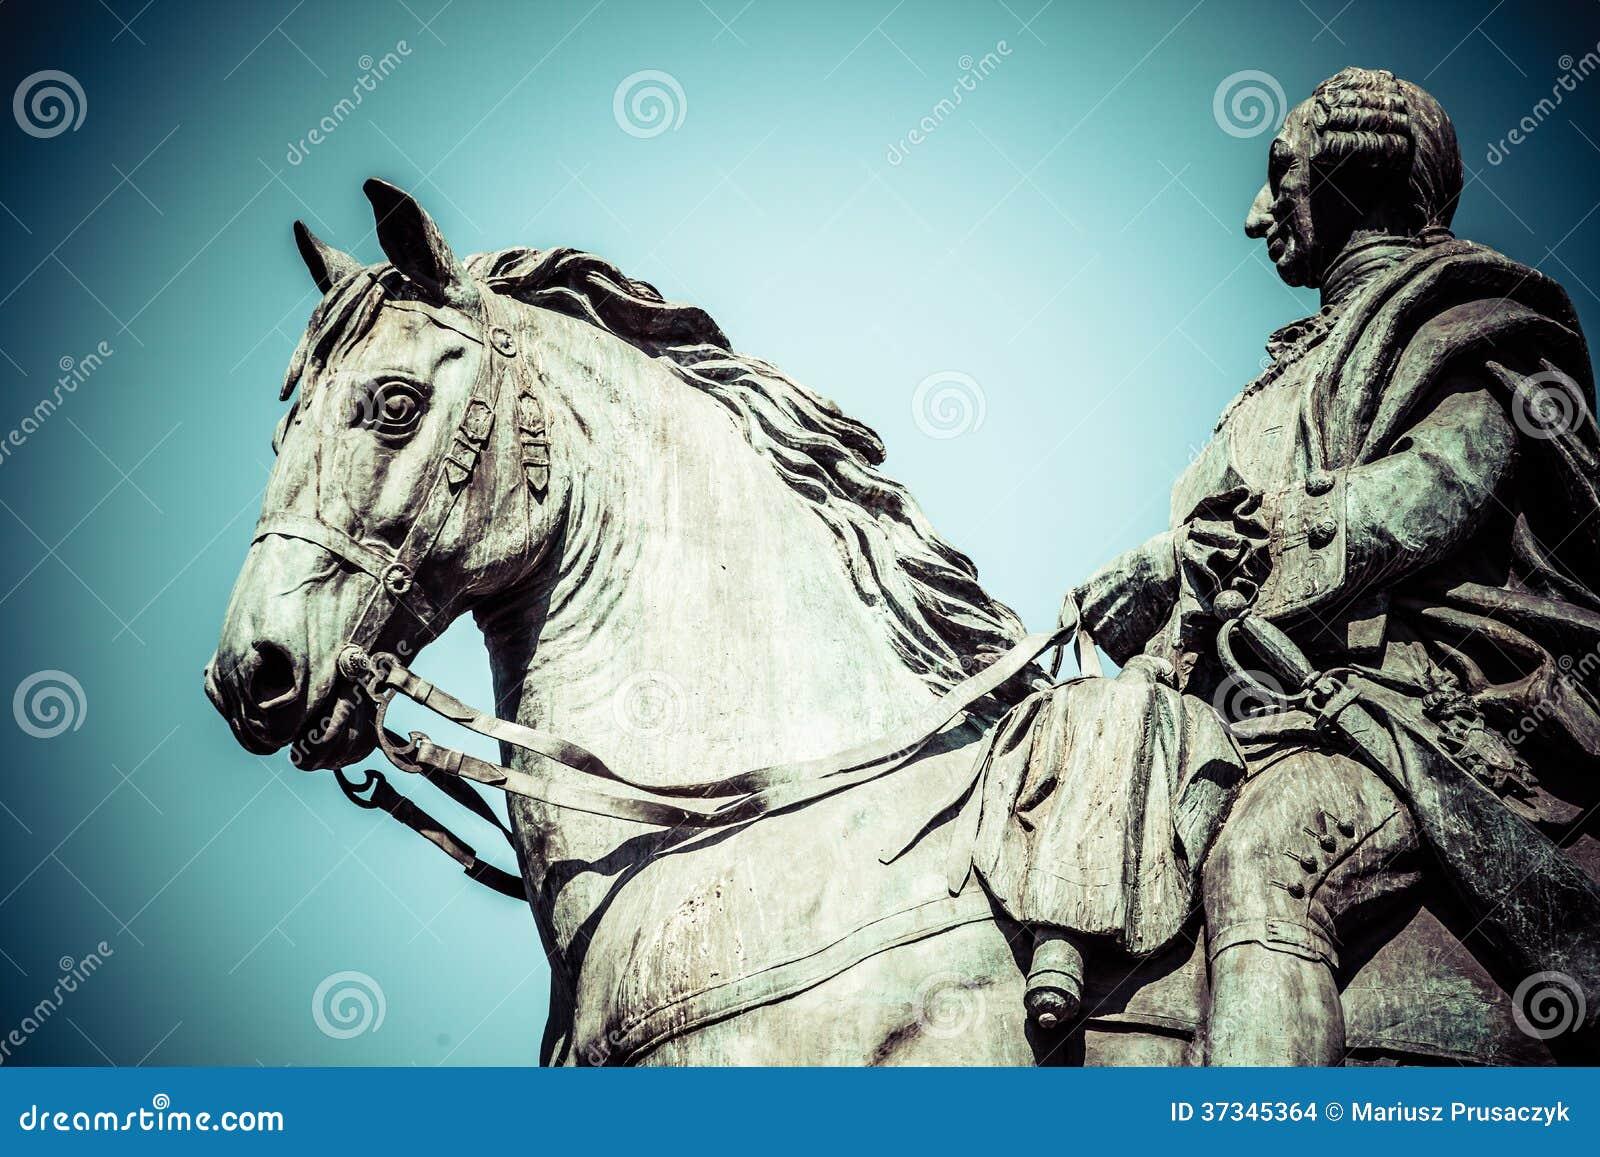 O monumento de Charles III em Puerta del Sol no Madri, Espanha